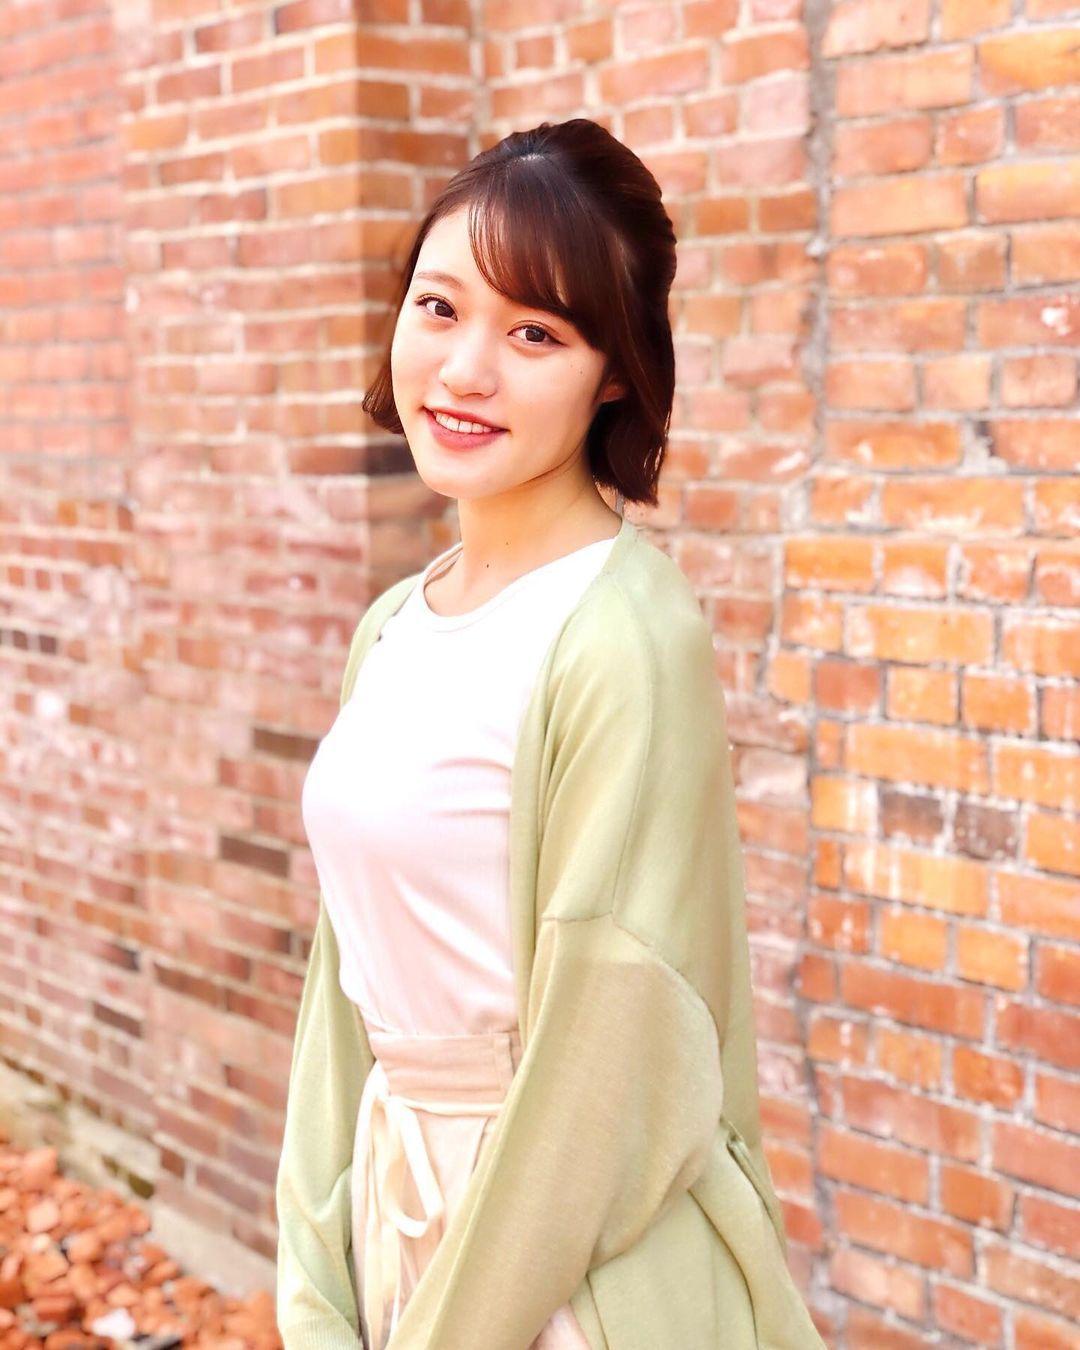 图片[5]-天菜开朗女神「王林」九头身曲线根本行走衣架如天使般「露齿灿笑」温暖又治愈人心-妖次元